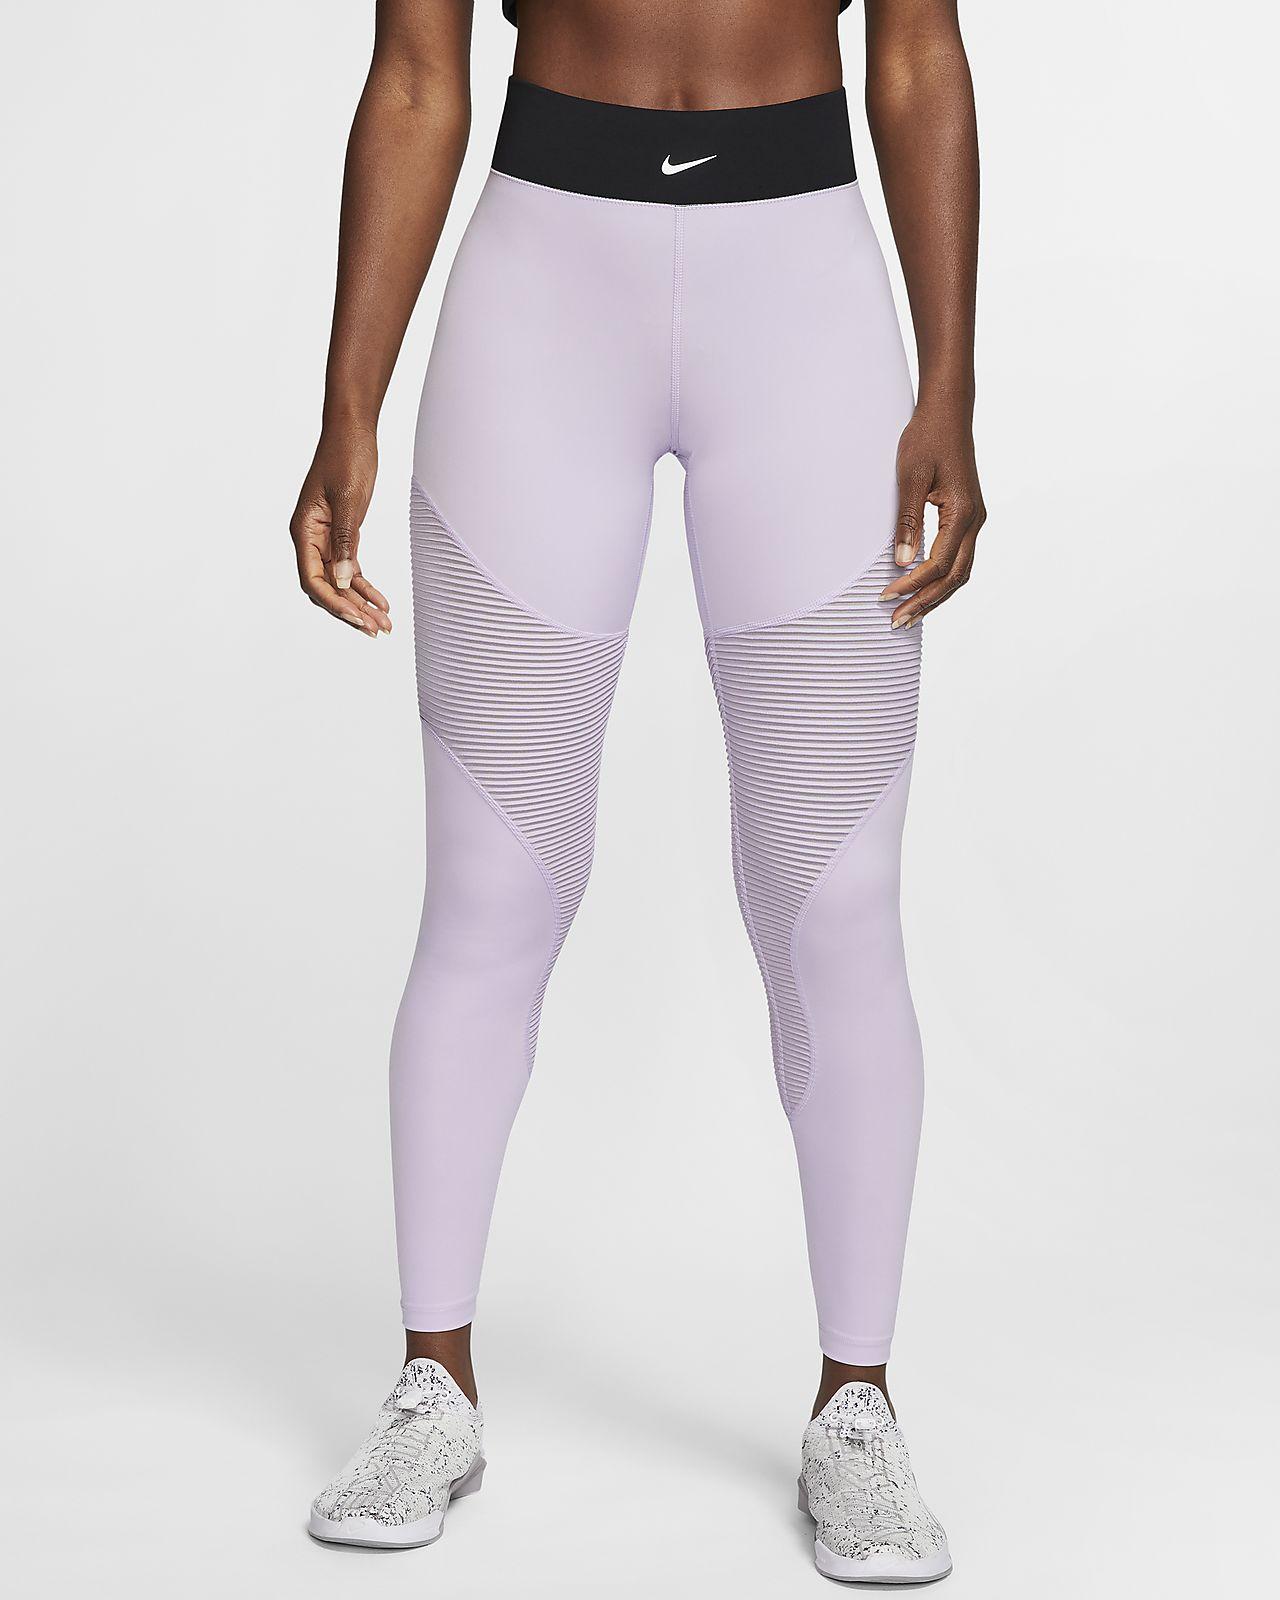 Nike Pro AeroAdapt Women's Tights